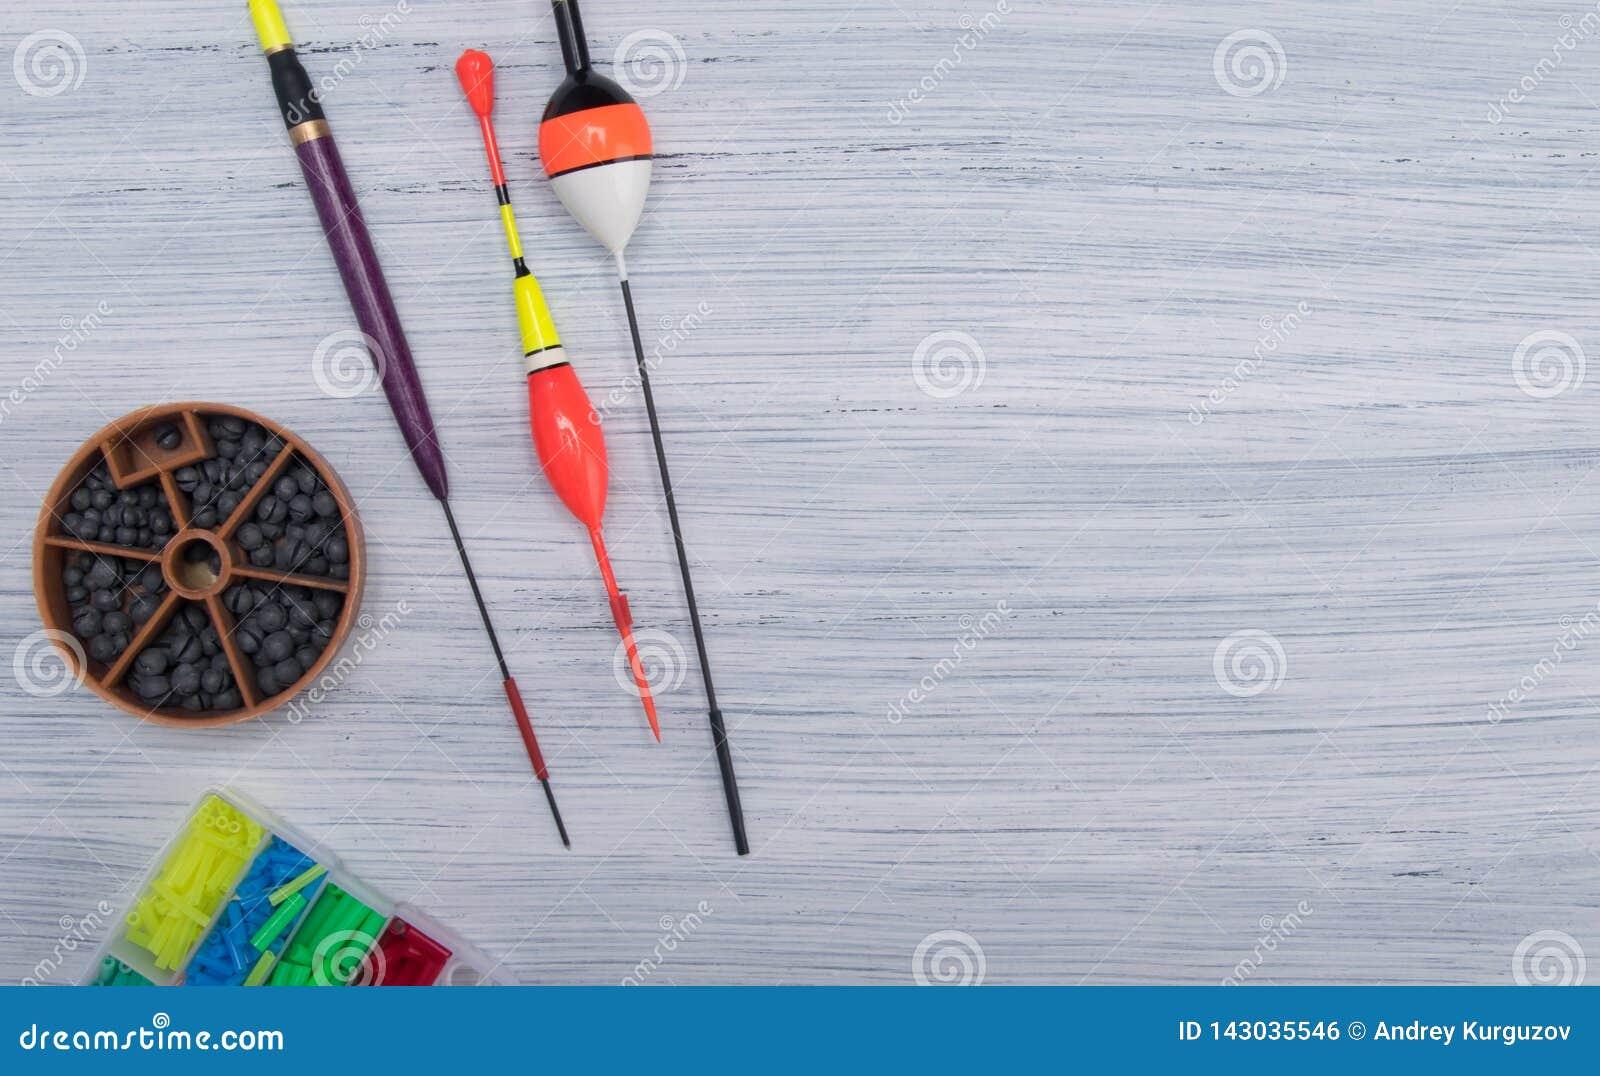 På ett ljust - grå bakgrund med ett ställe för inskriften på rätten som ut läggas en uppsättning av objekt för att fiska, flöten